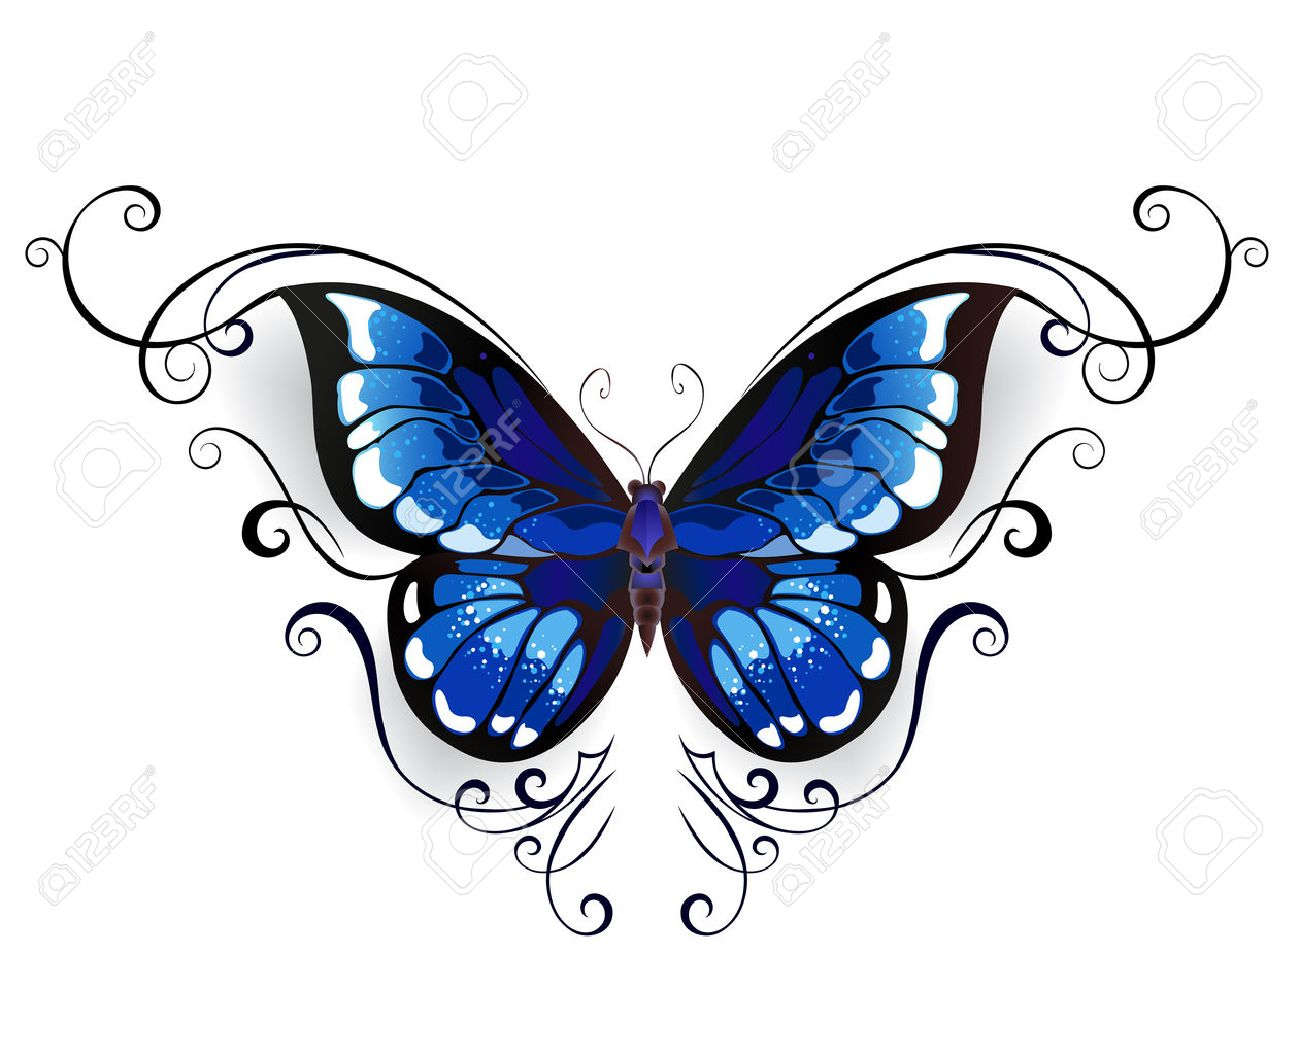 Tatouage Papillon Bleu Decore Avec Un Motif Elegant Sur Un Fond